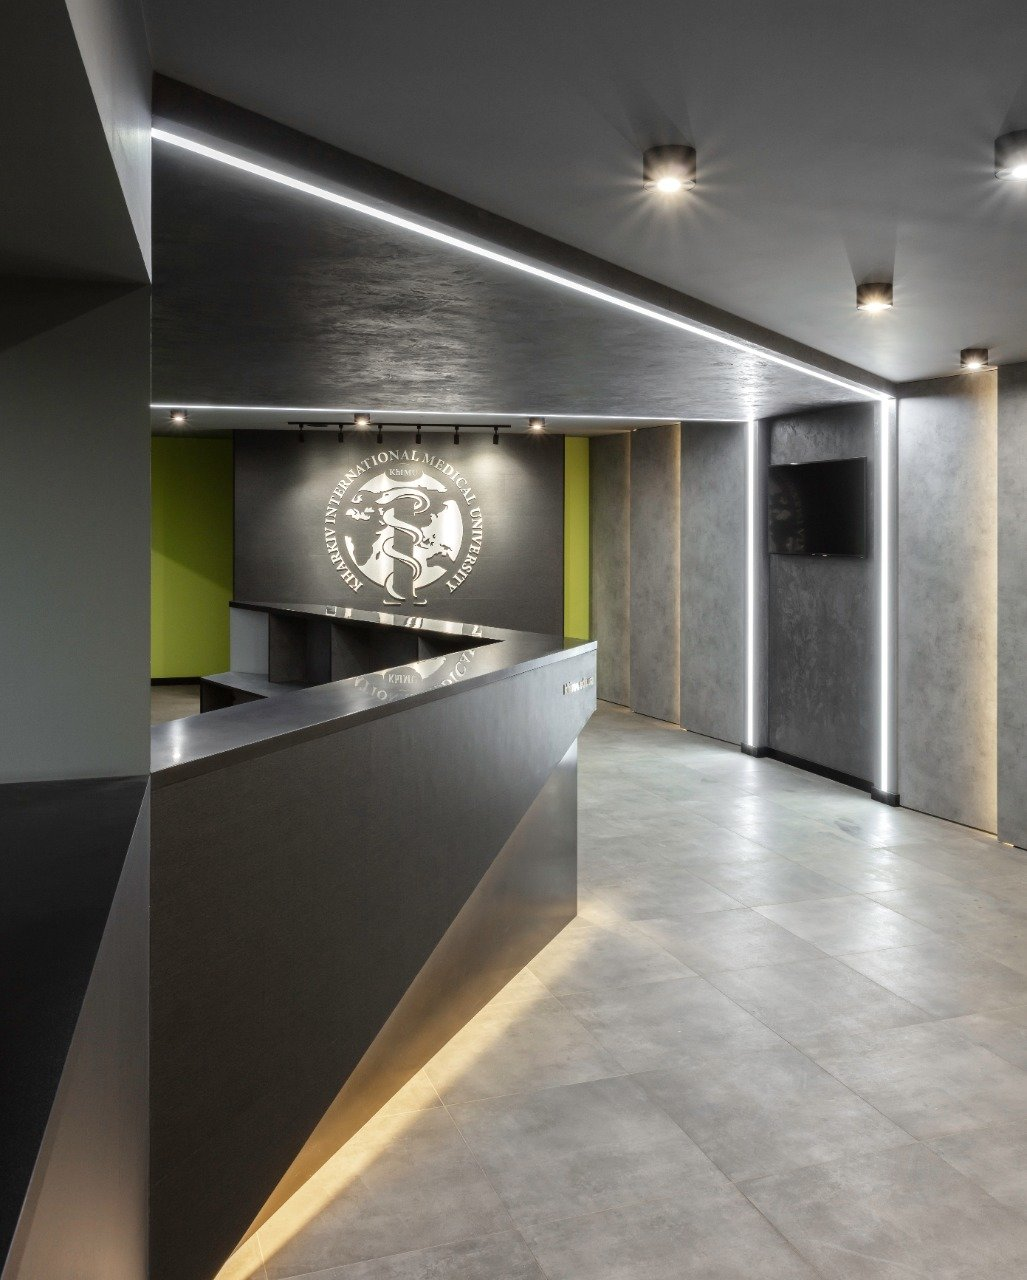 Стильная, яркая и индивидуальная мебель в стиле Loft от компании Lux-m для учебного заведения, фото-11